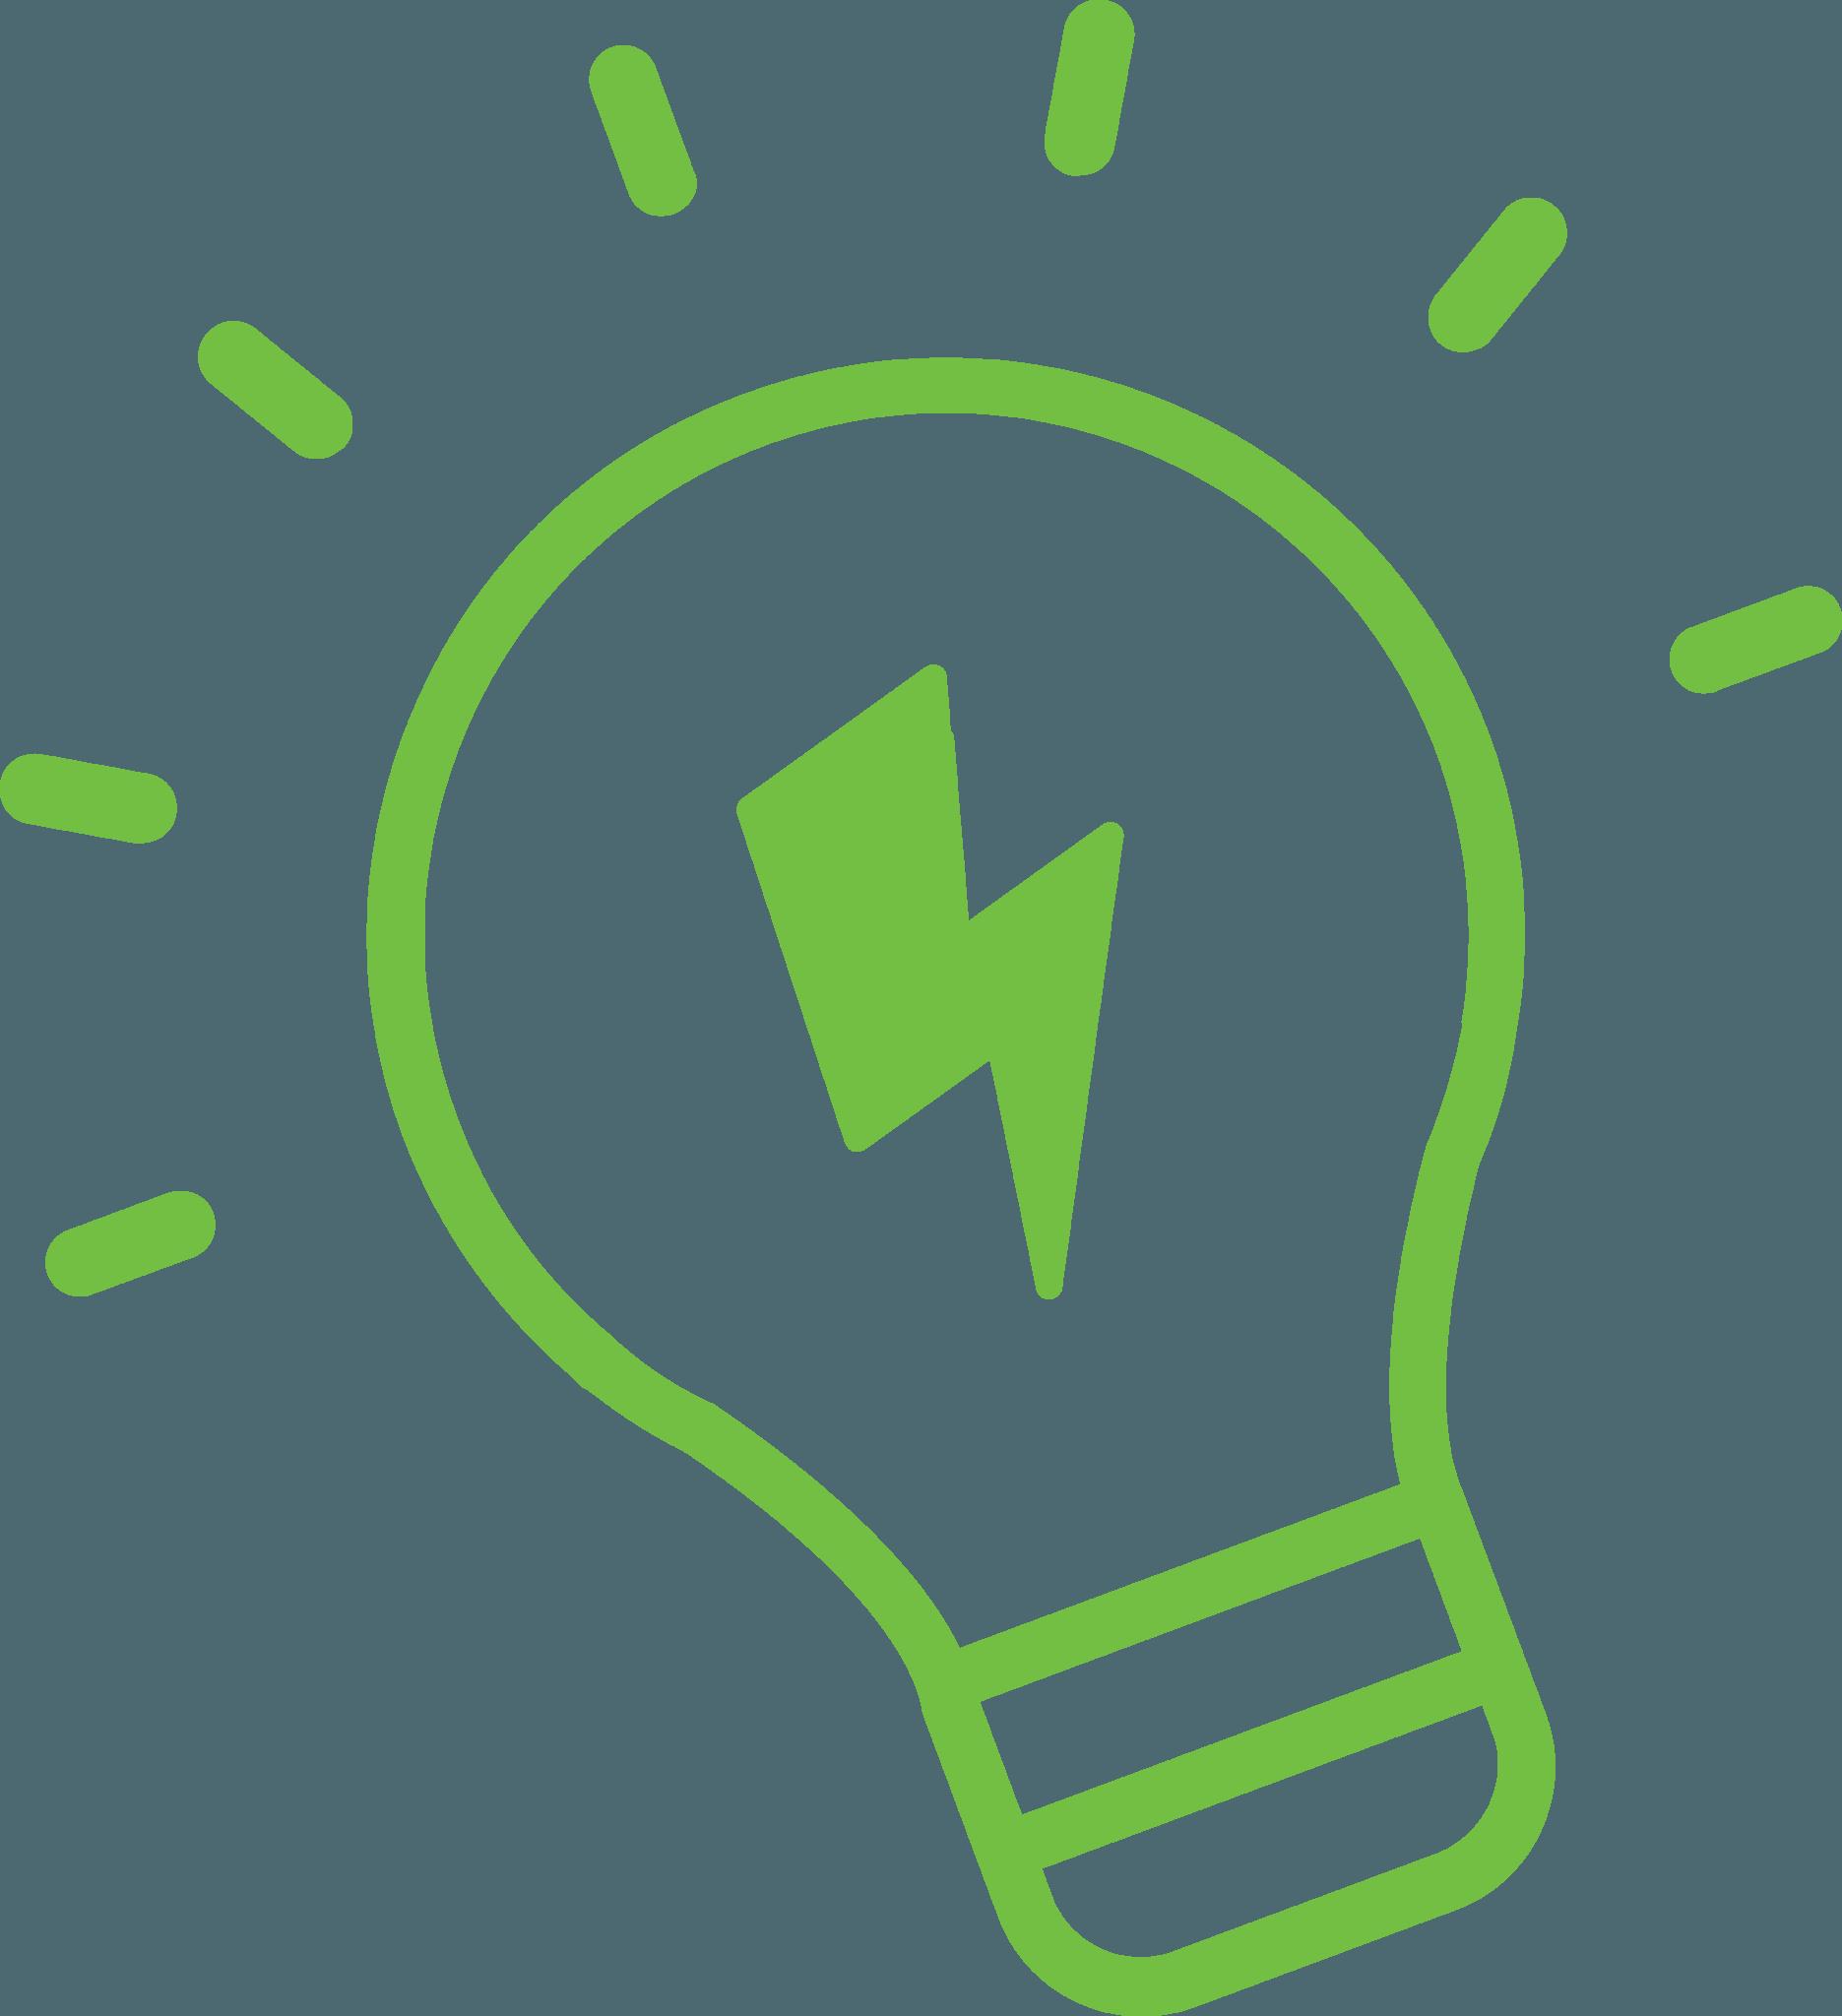 创新是无线充电革命的一部分